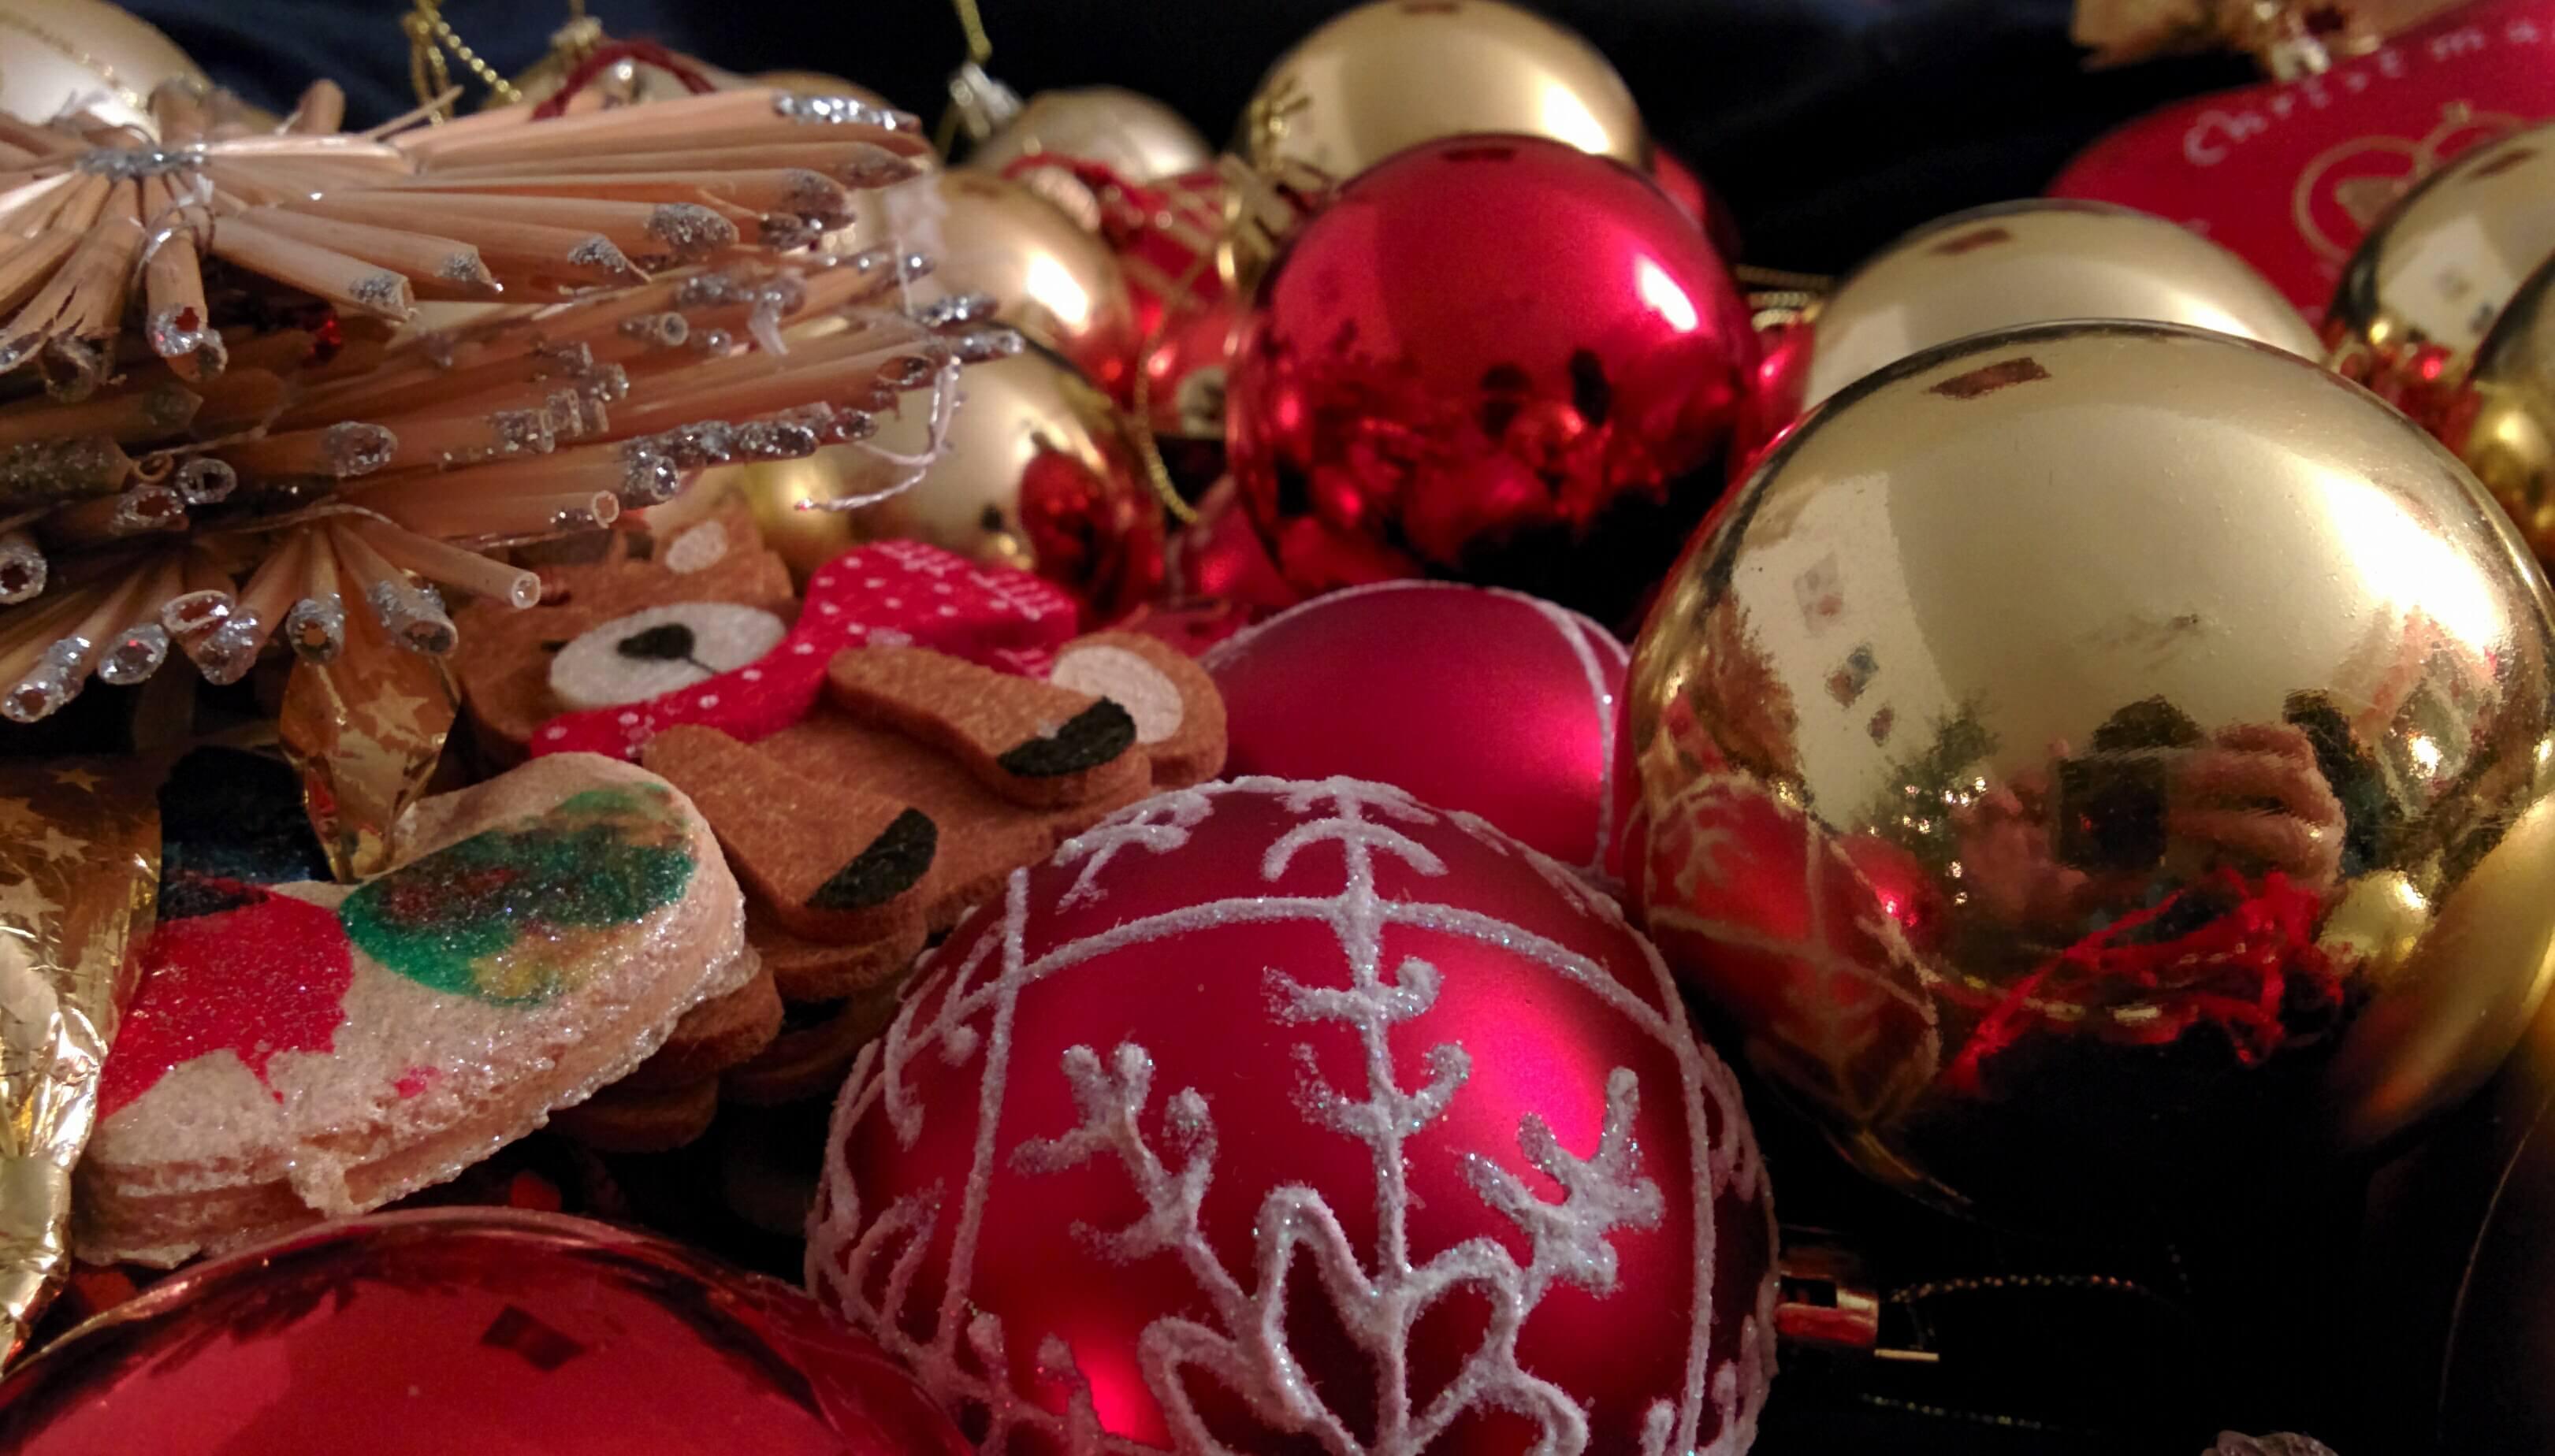 Weihnachtsschmuck. Symbolbild für Weihnachten 2017